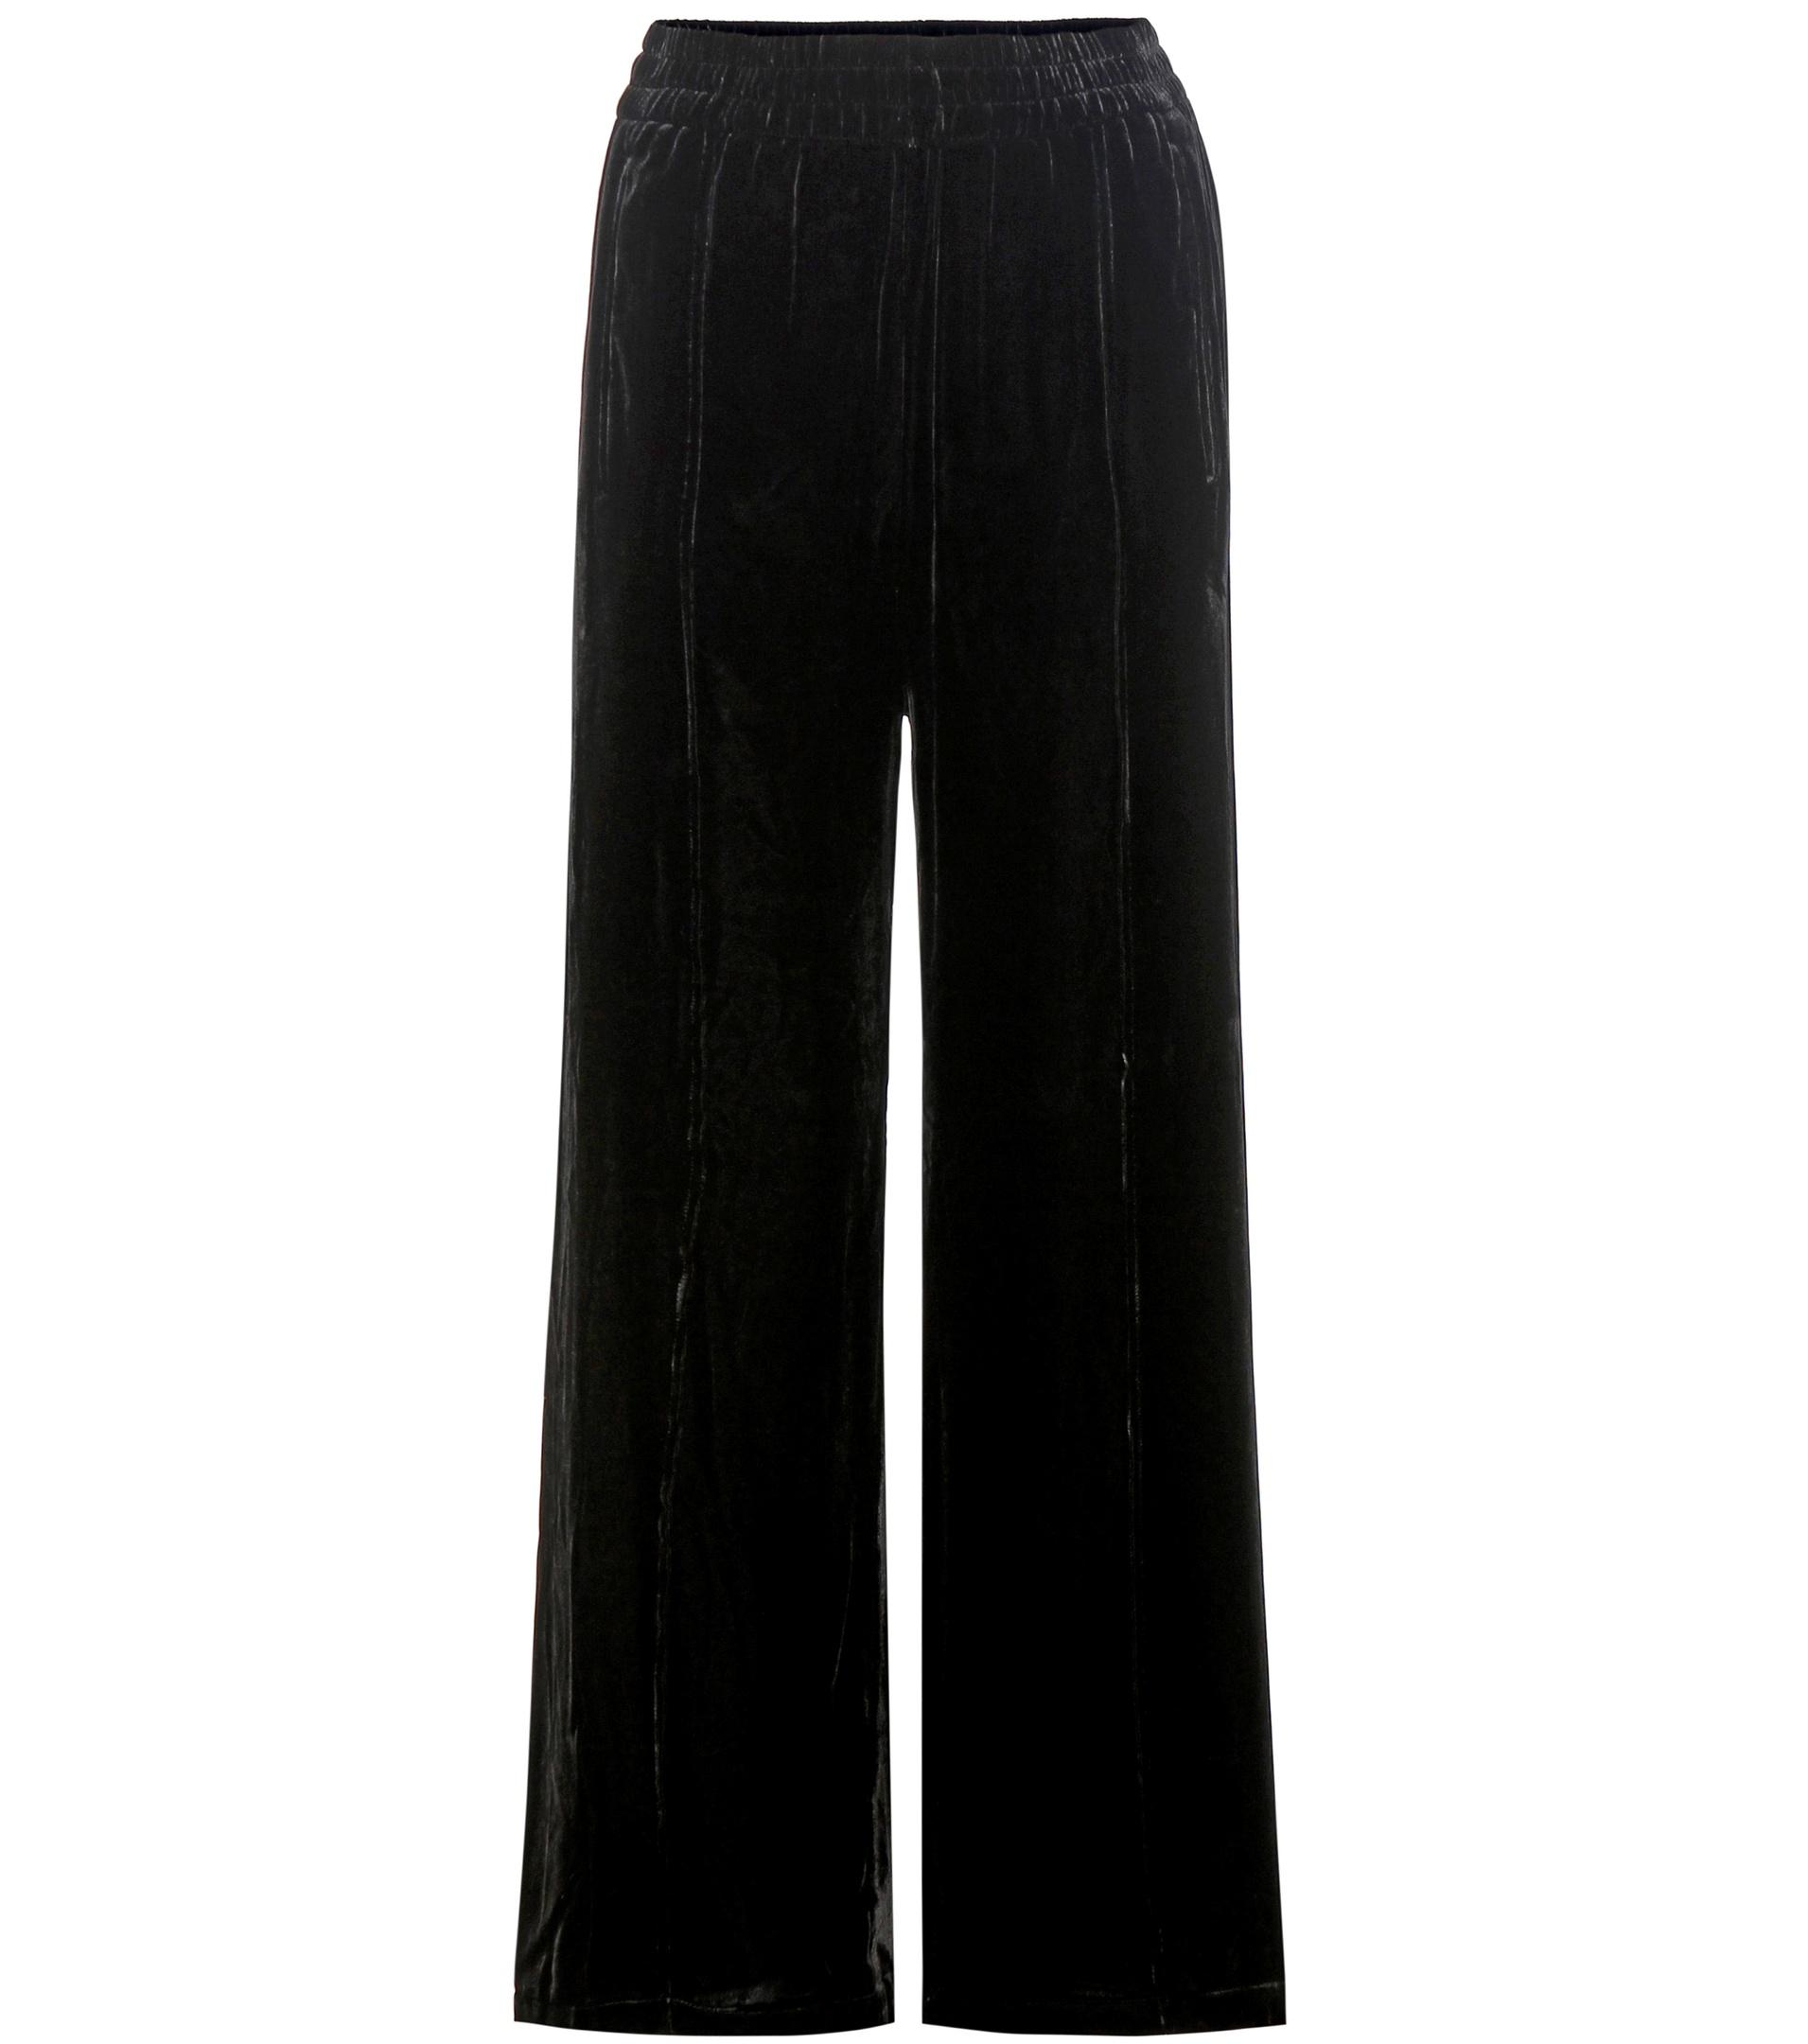 Womens Jeans Wide Leg